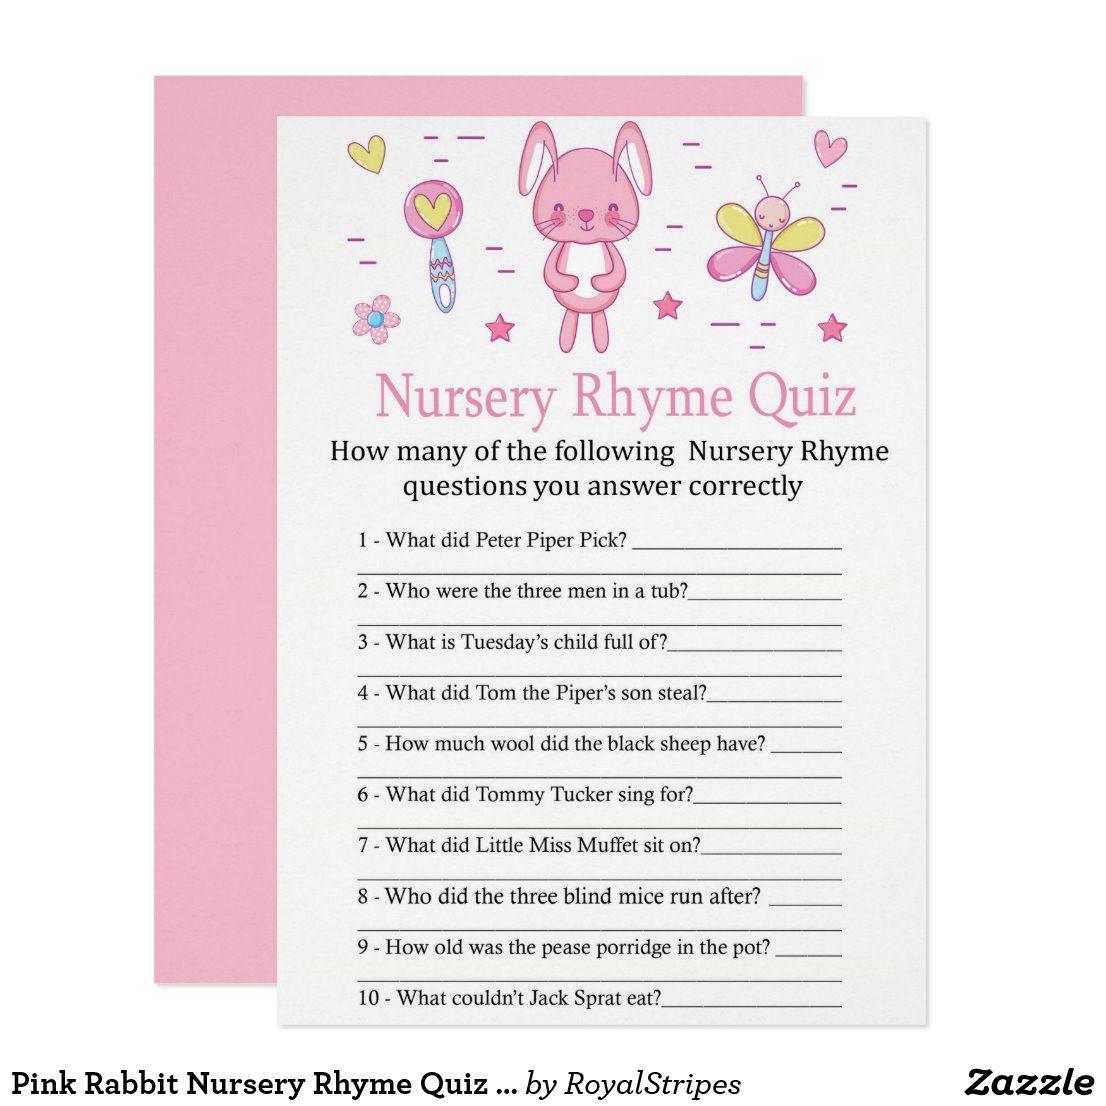 Pink Rabbit Nursery Rhyme Quiz baby shower game Invitation